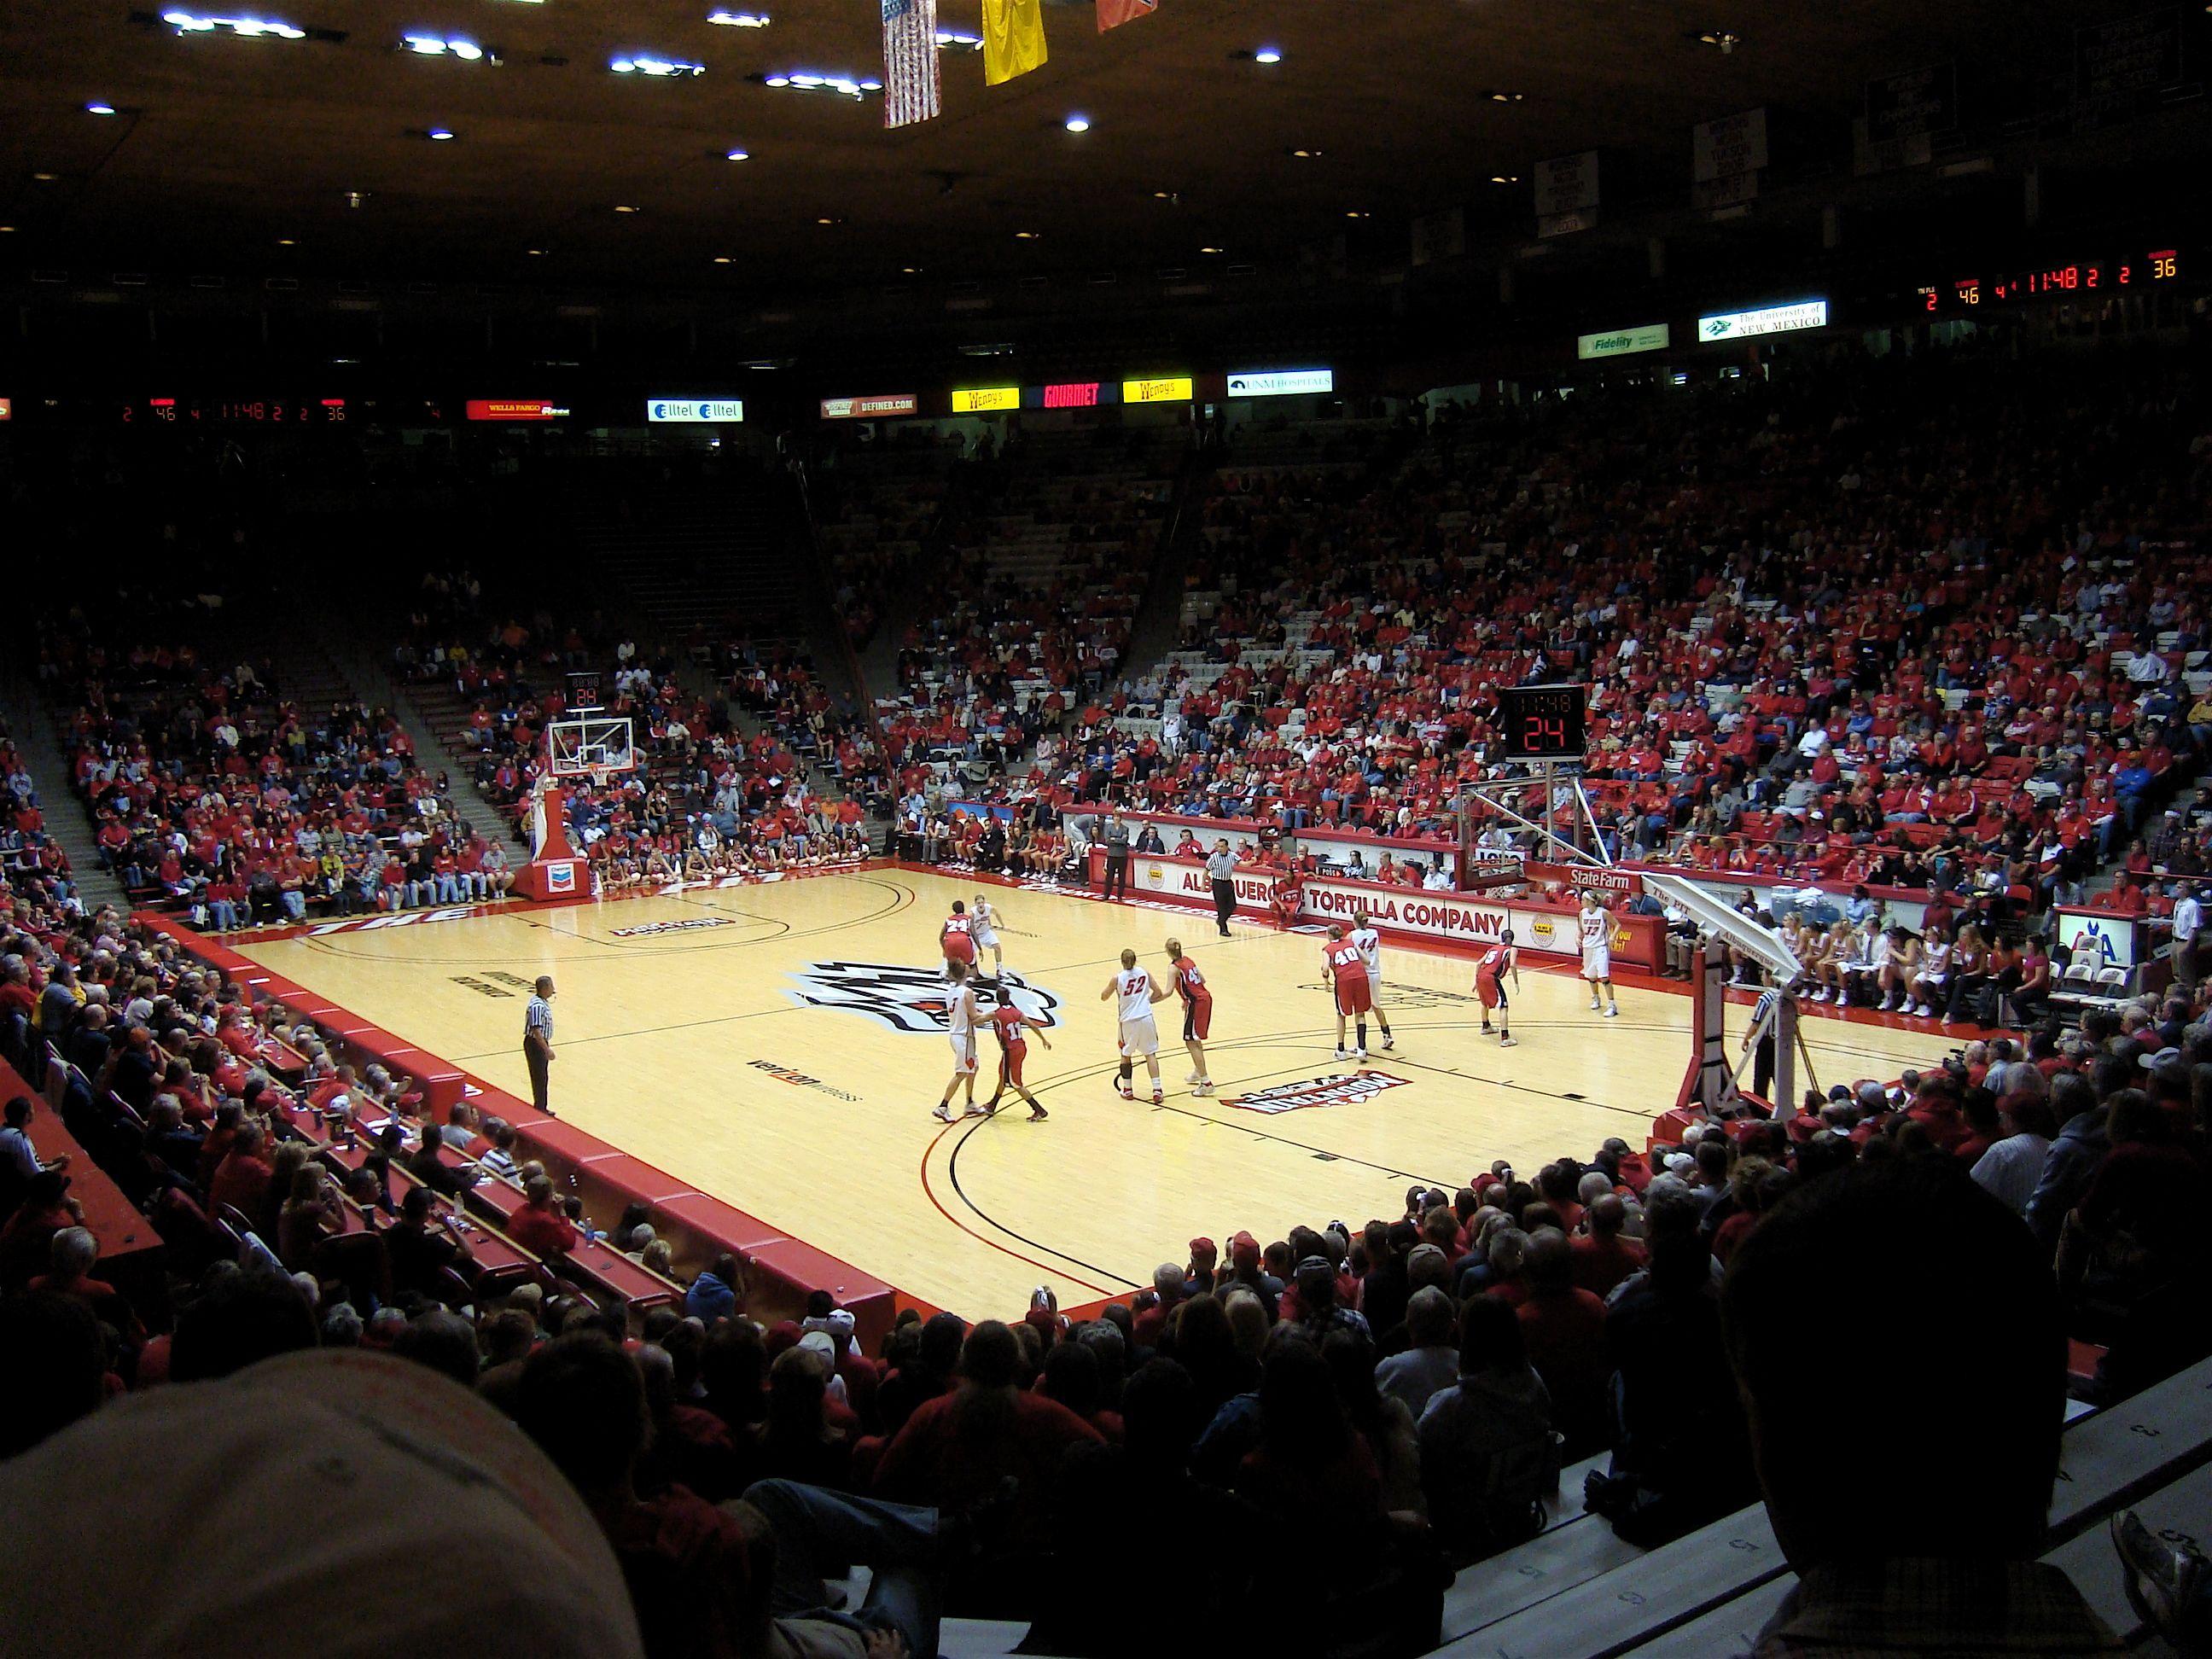 Viejas Arena San Diego State Aztecs NCAA Houses Worship Pinterest